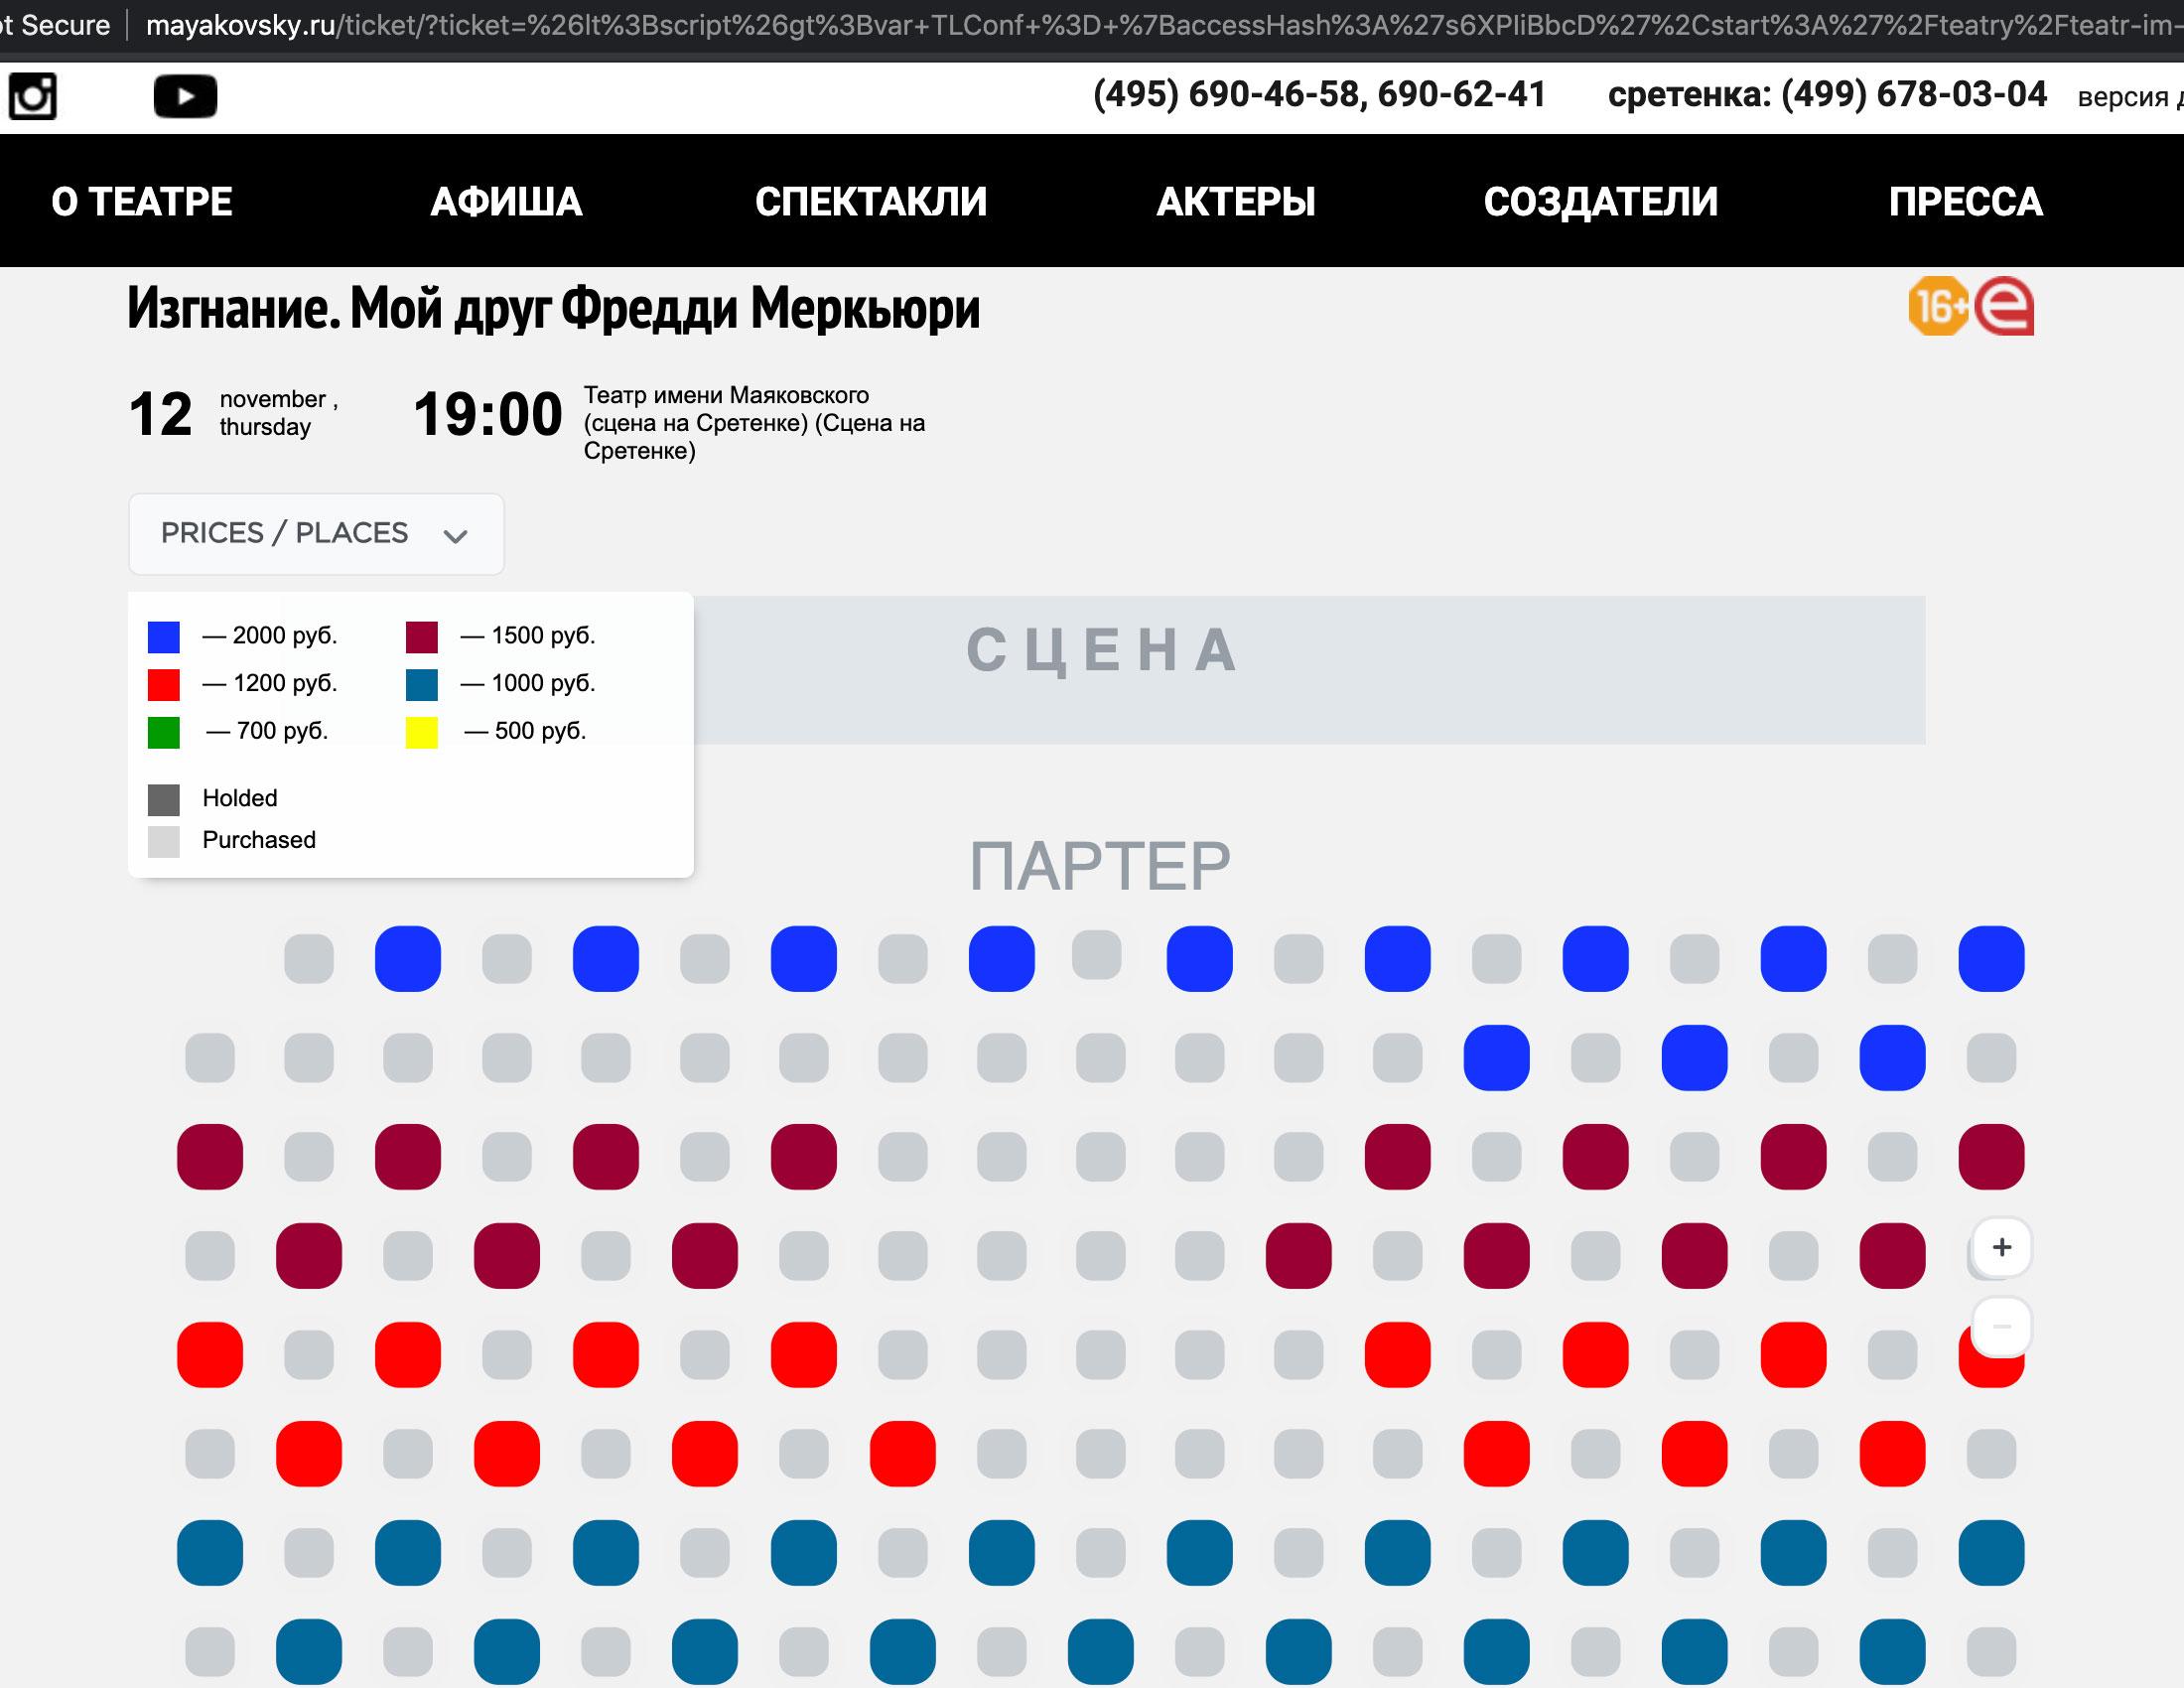 Страница продажи билетов на настоящем сайте театра им. Маяковского: в связи с пандемией зрителей рассаживают в шахматном порядке